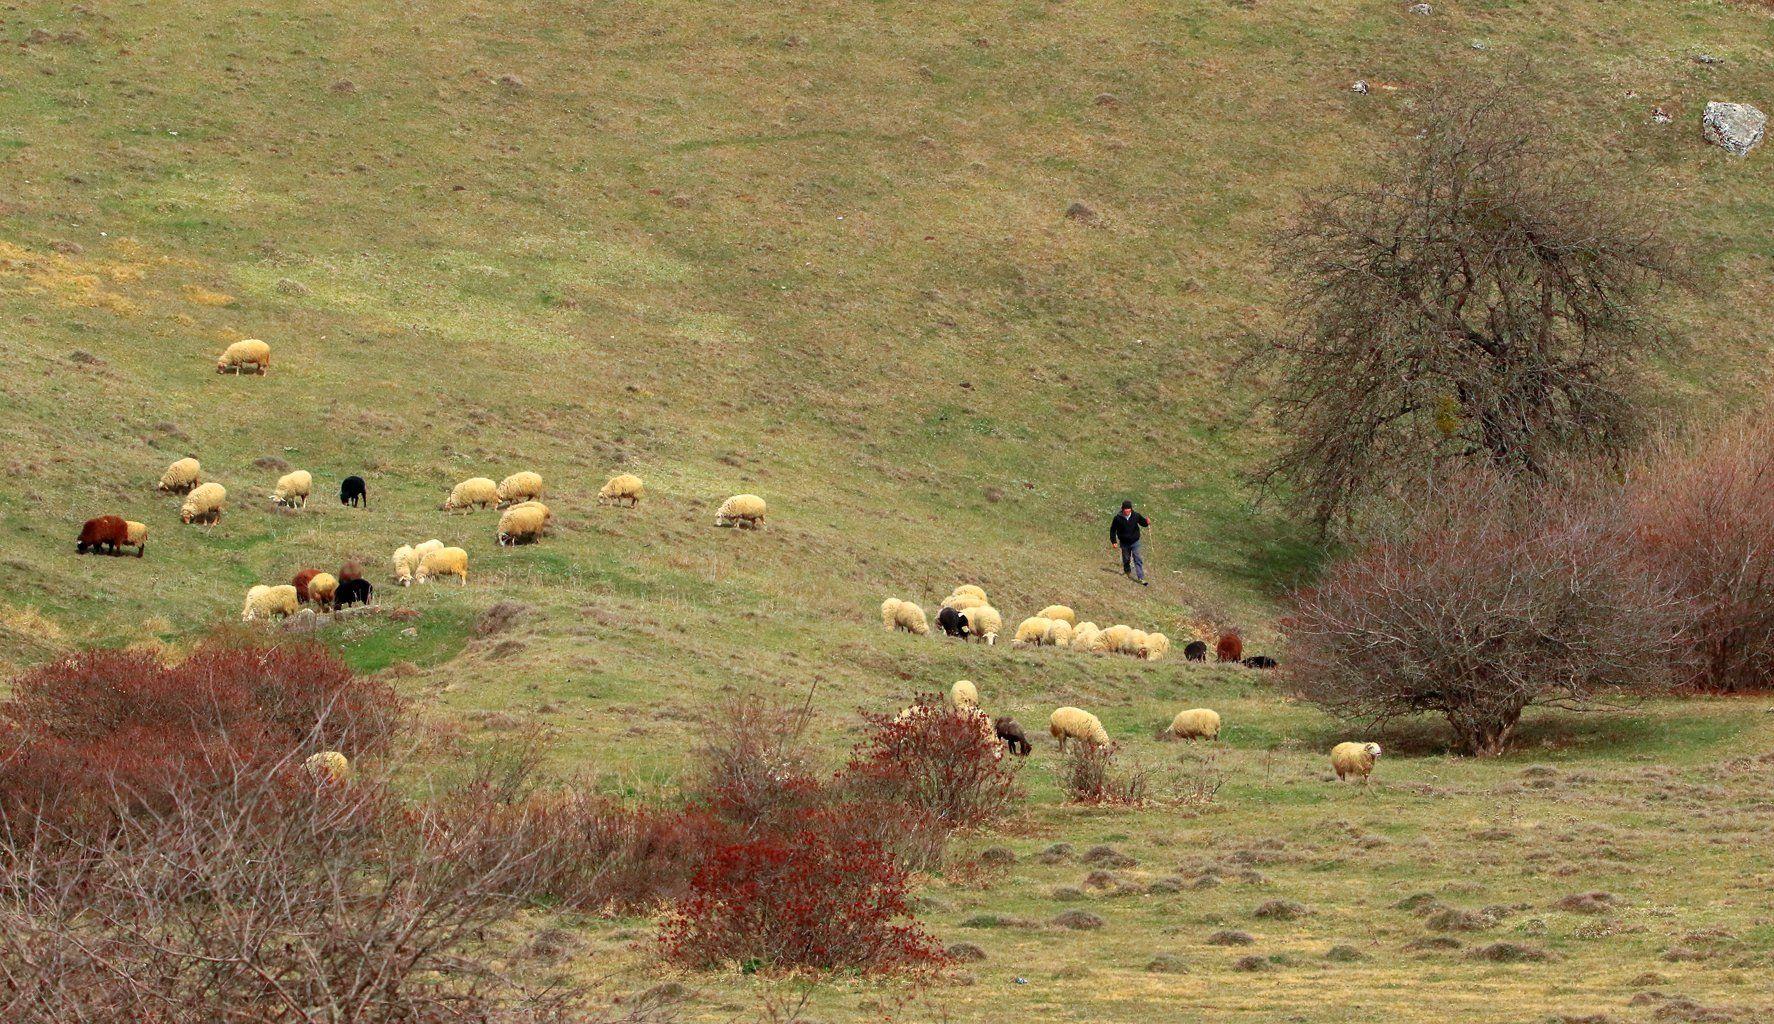 овцы,пастух,горы,вершины,пейзаж,деревья,дагестан,природа, Magov Marat